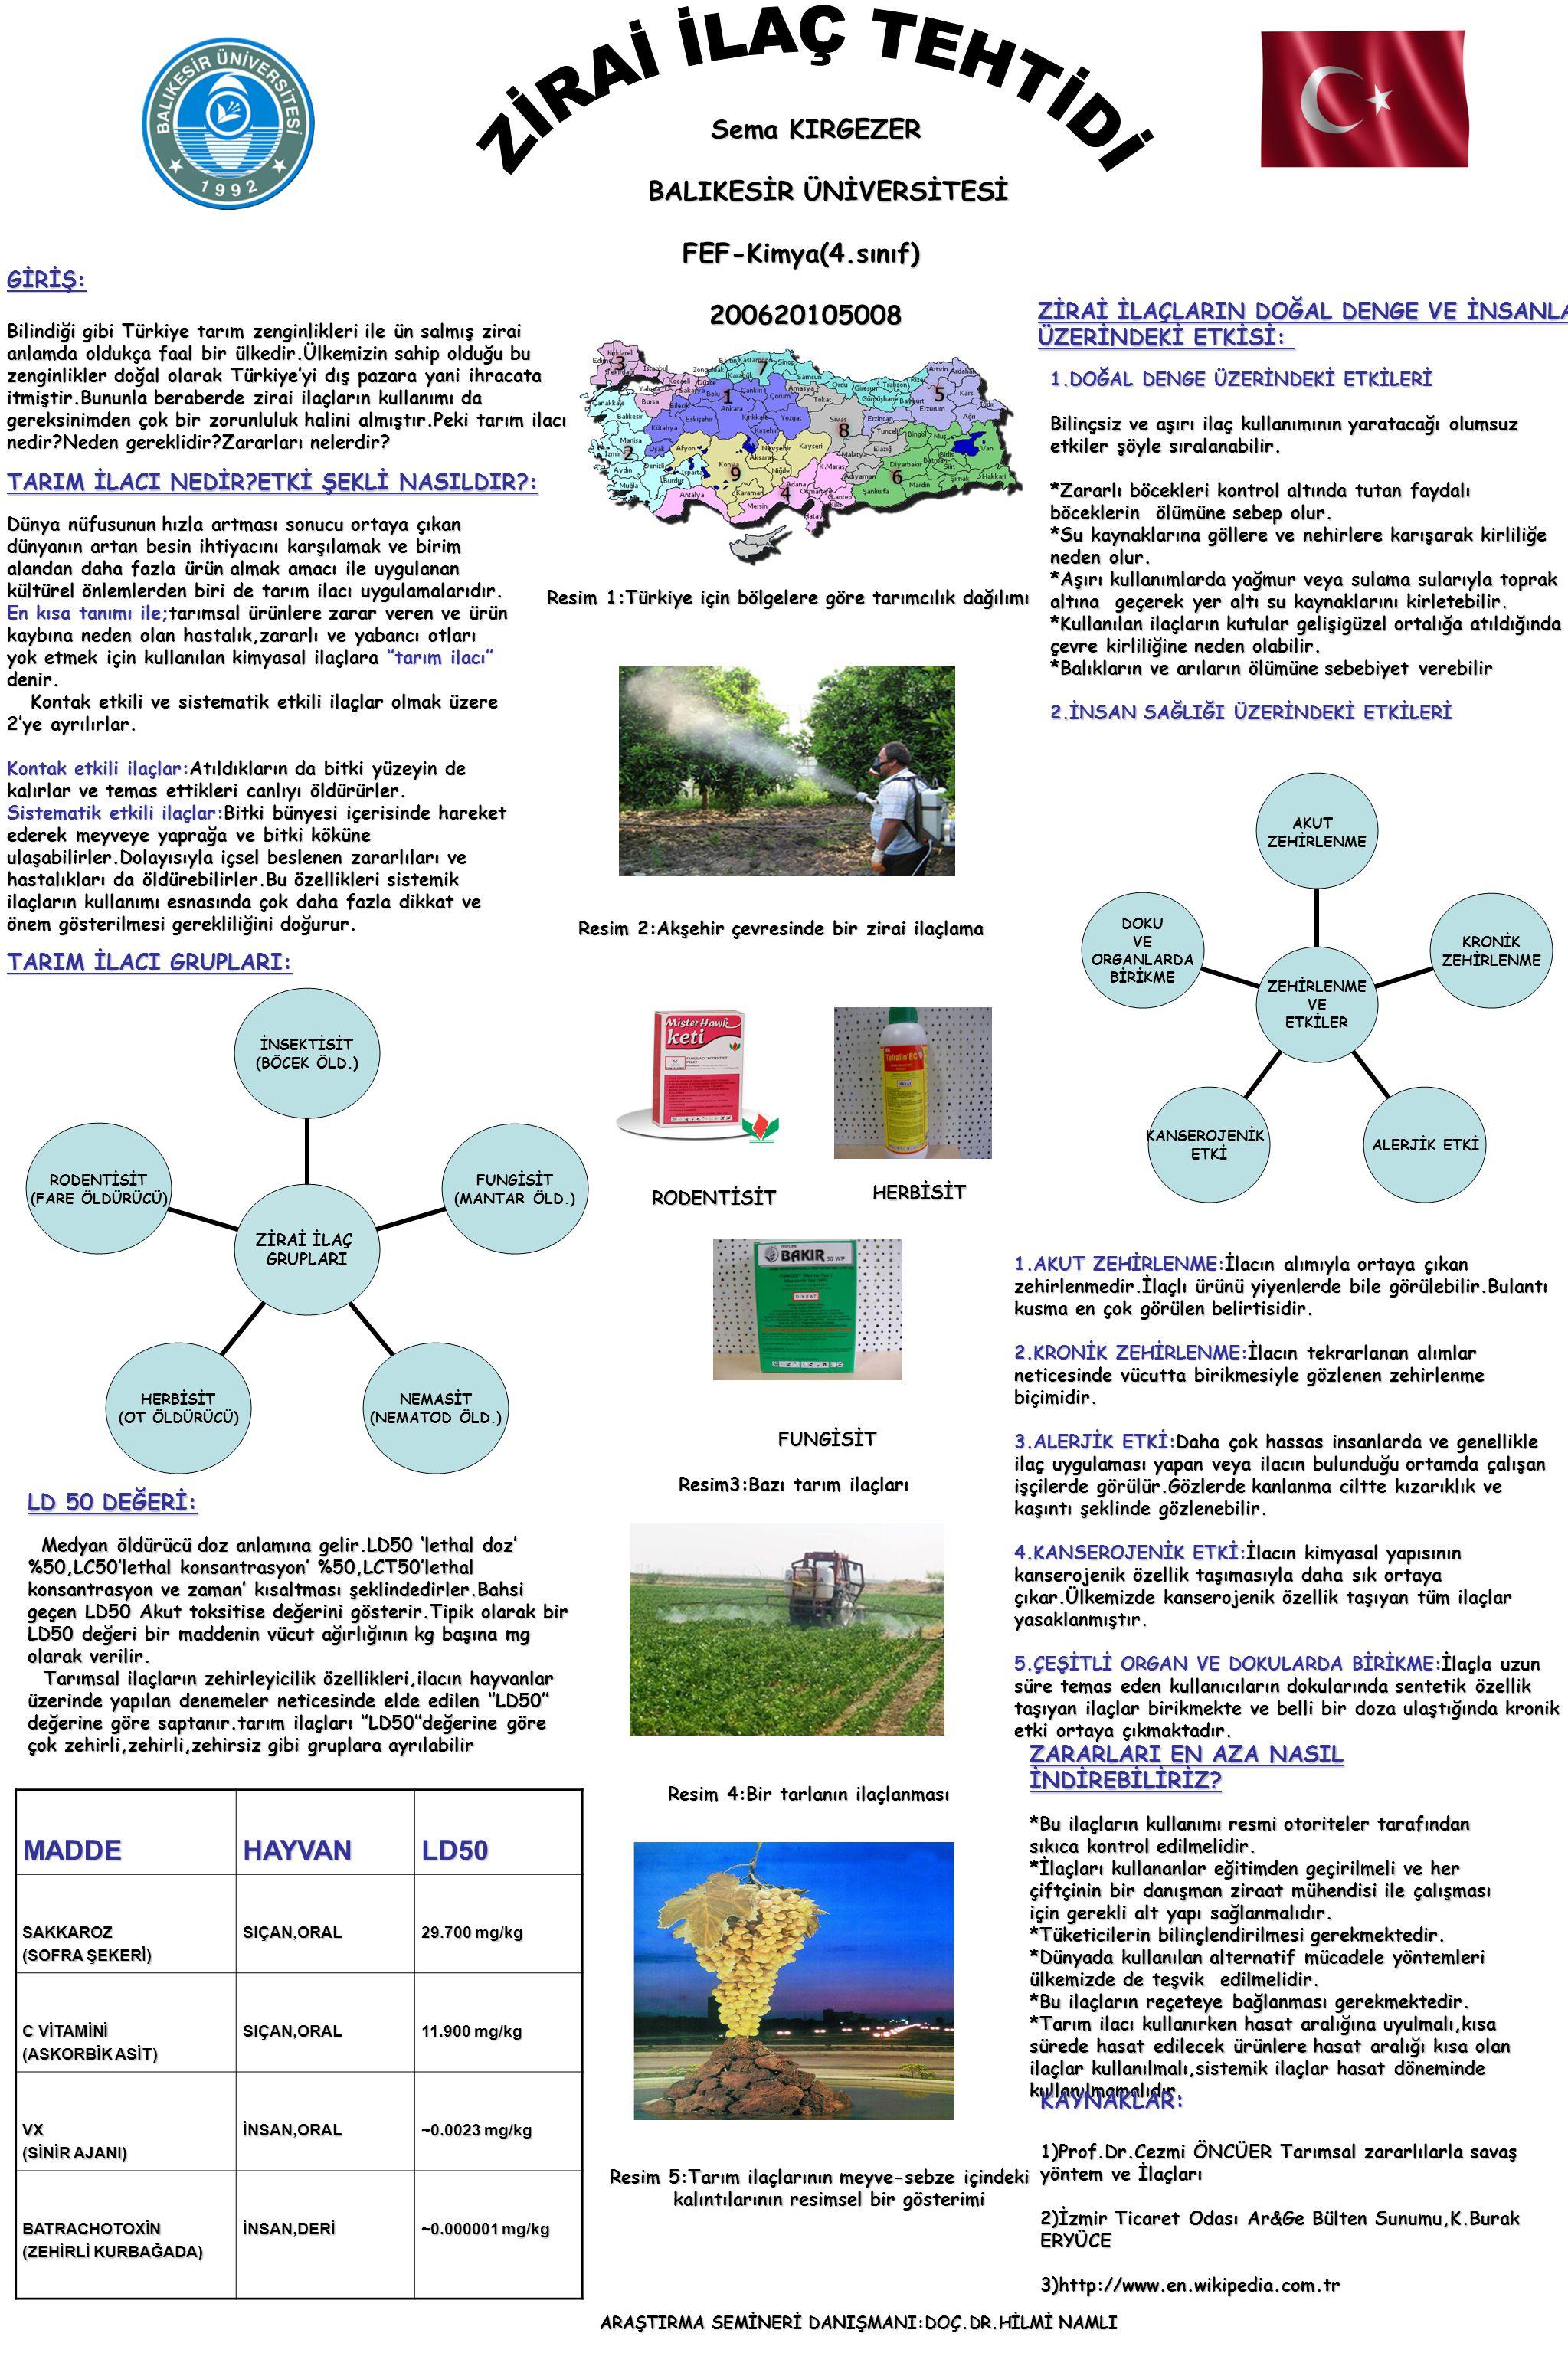 Sema KIRGEZER BALIKESİR ÜNİVERSİTESİ FEF-Kimya(4.sınıf) 200620105008